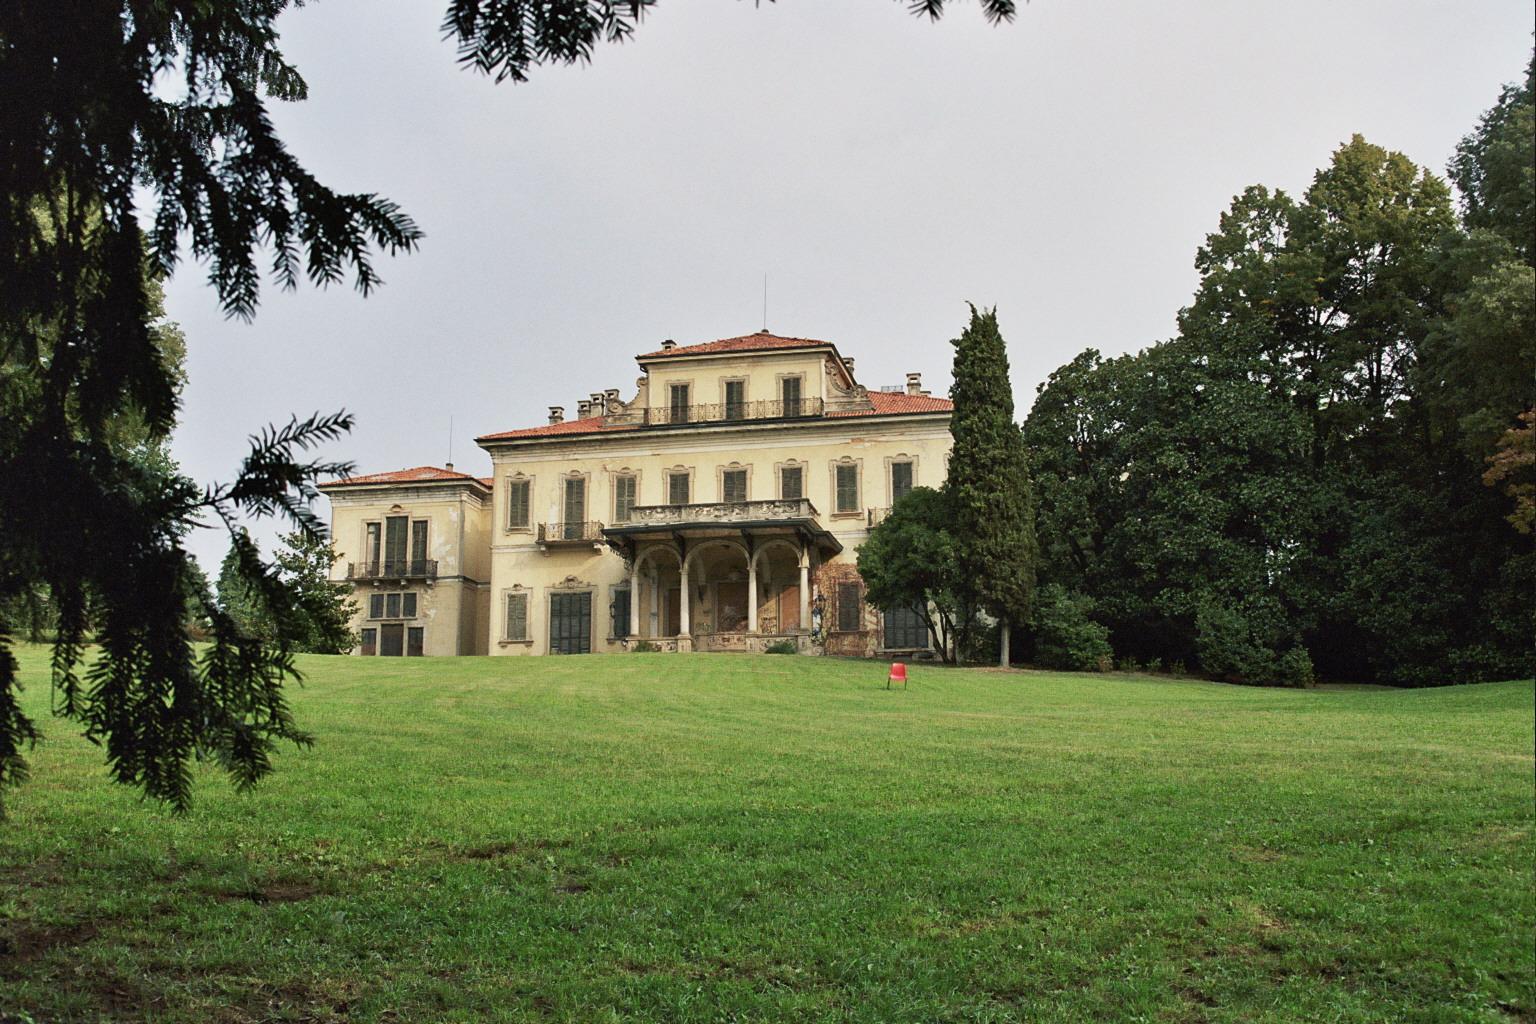 Silvio Berlusconi Arcore Tel Villa San Martino